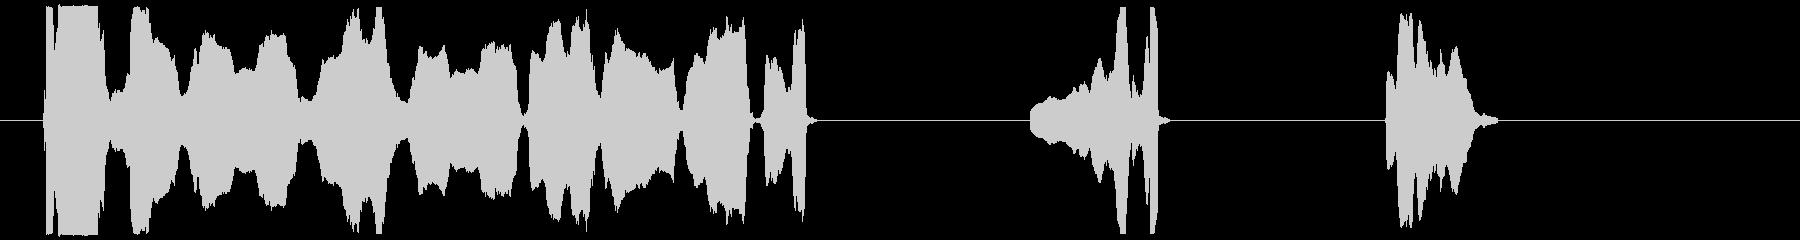 スライドホイッスル2、3バージョン...の未再生の波形